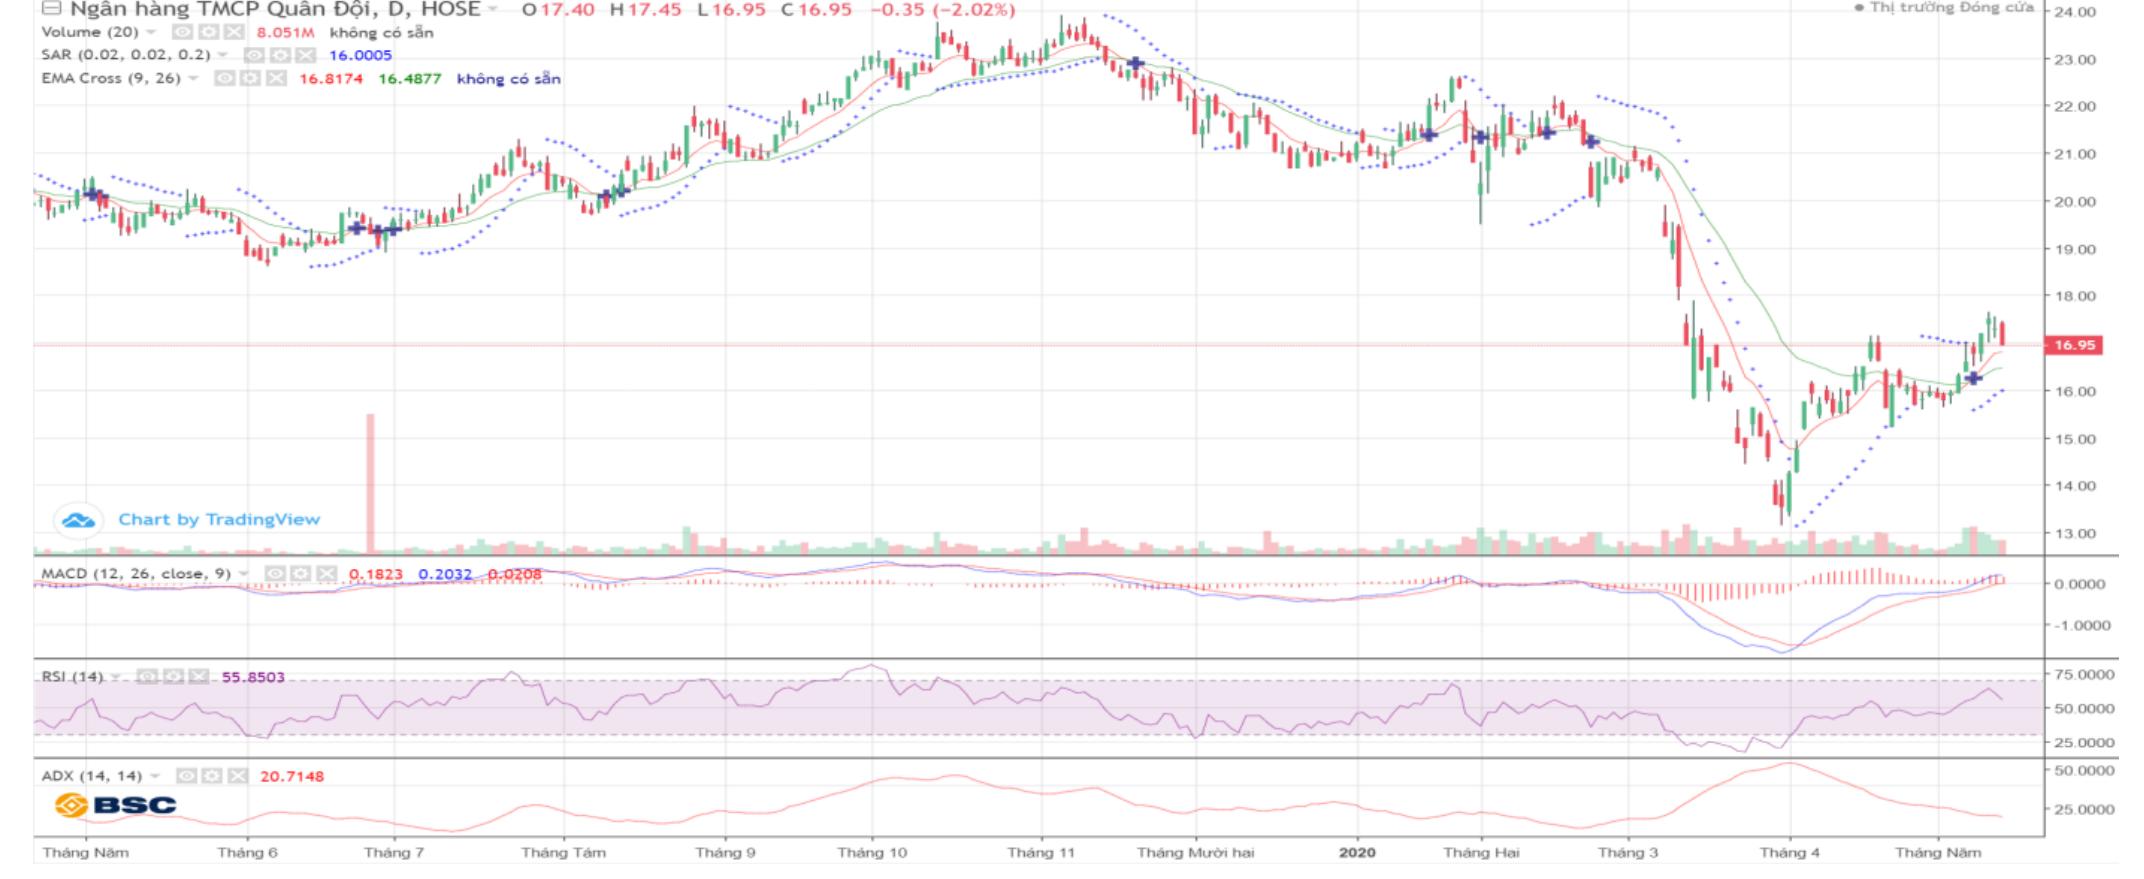 Cổ phiếu tâm điểm ngày 19/5: MBB, CSV, HDC, PVT - Ảnh 1.